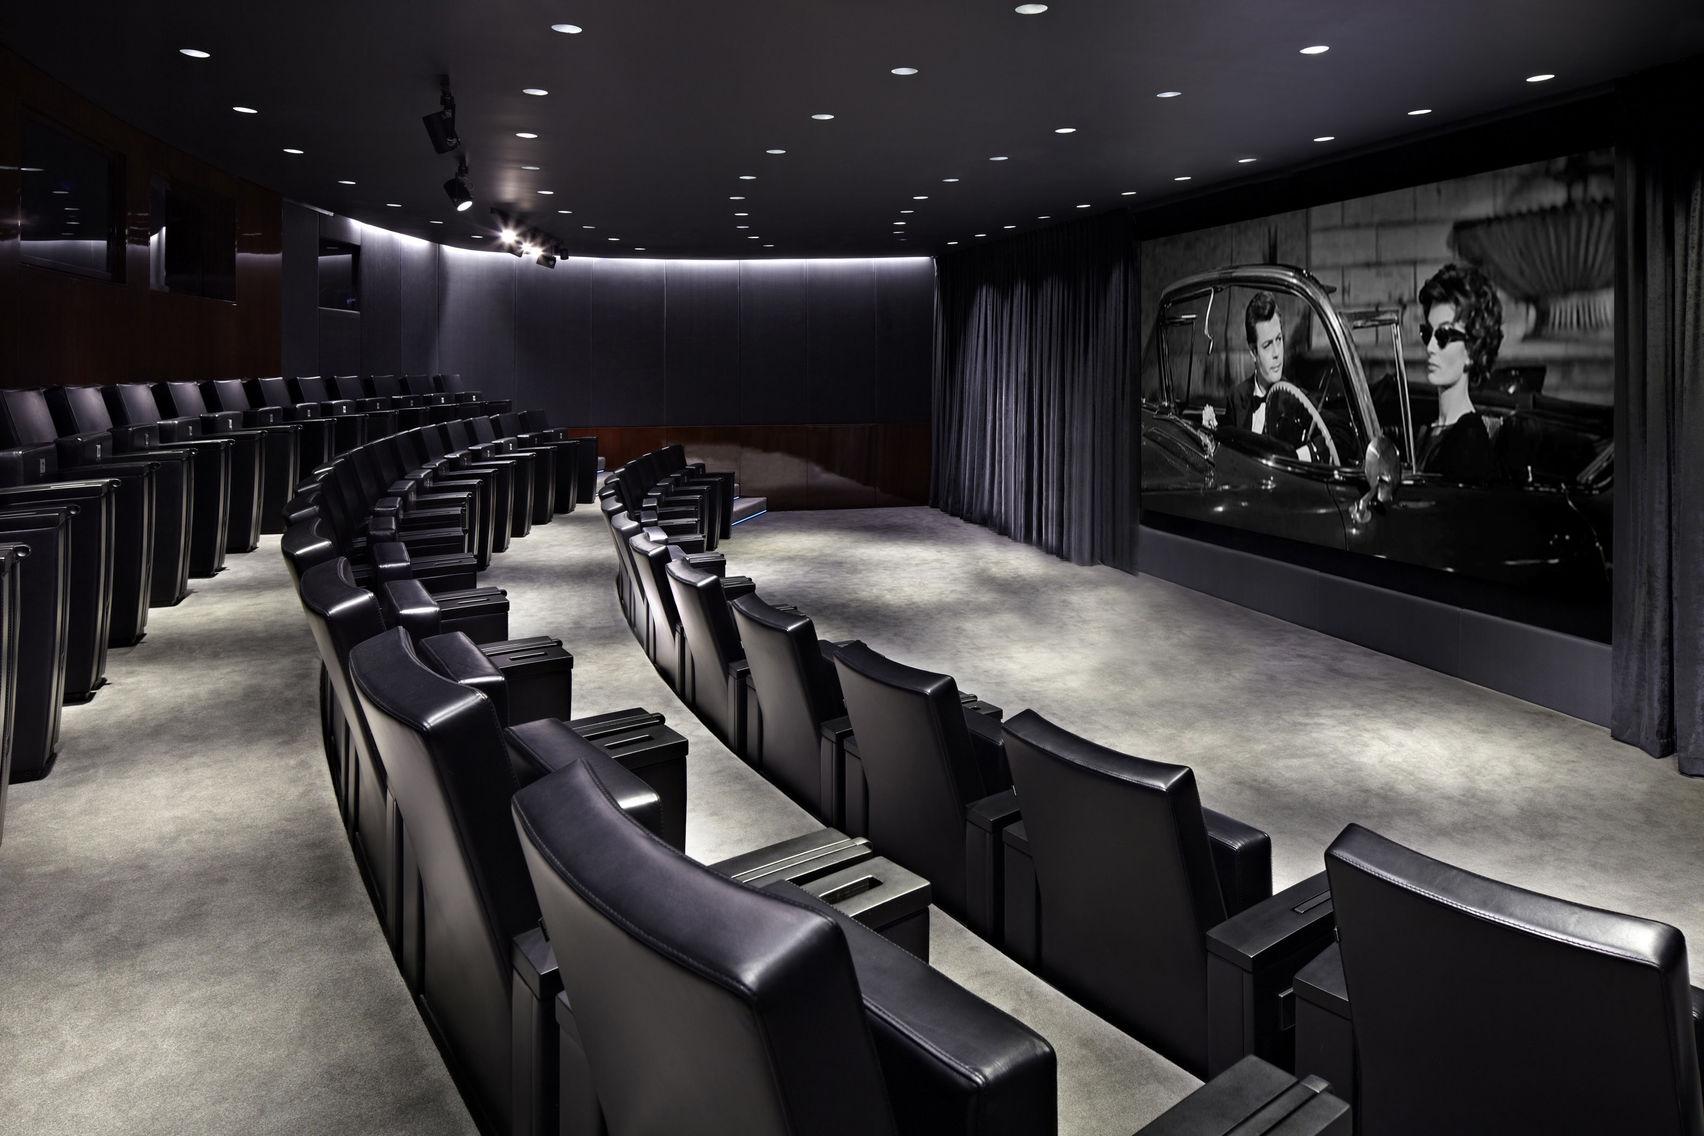 Cinema & Cinema Foyer, Bulgari Hotel, London